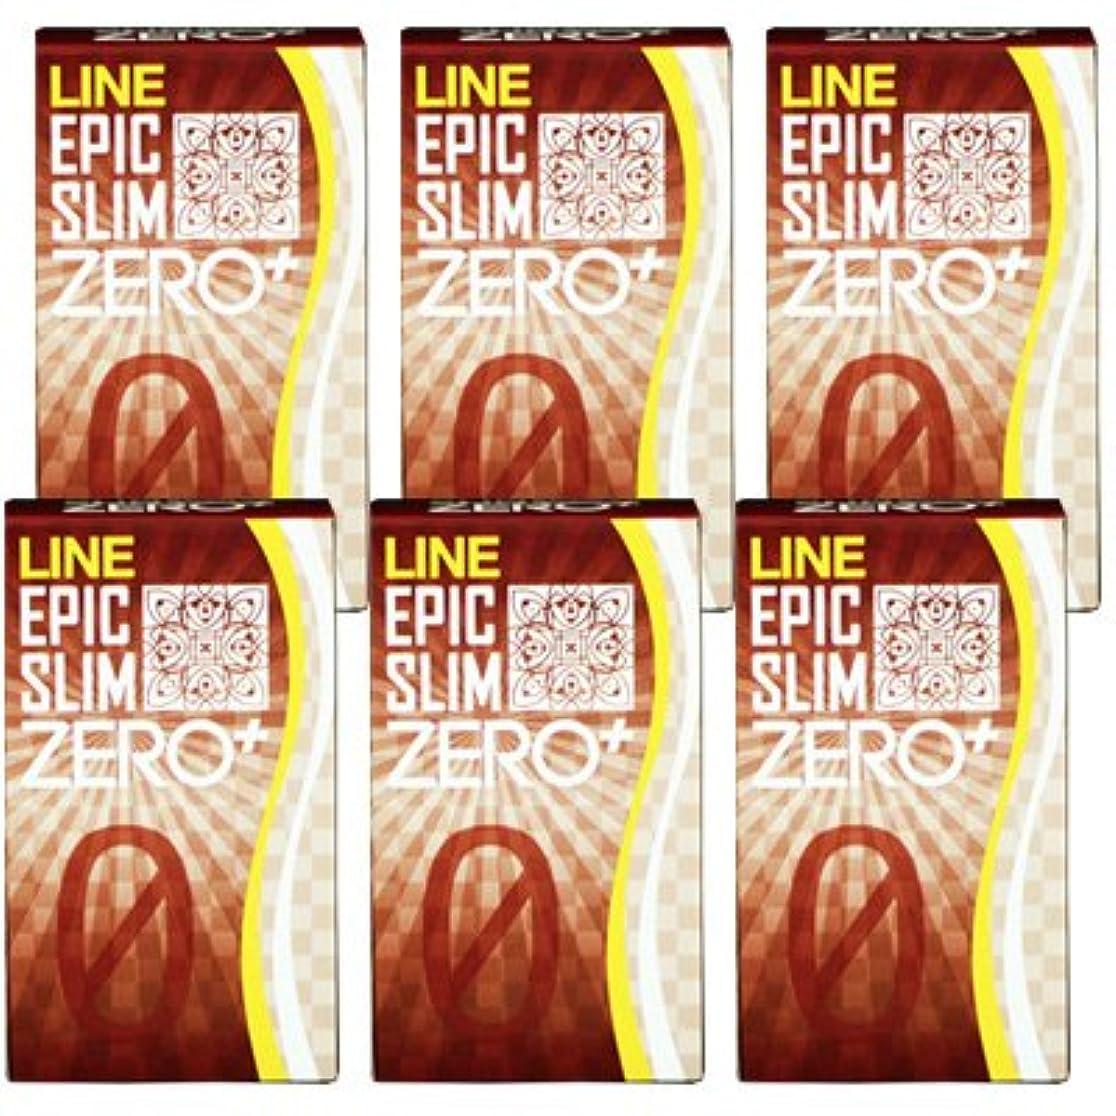 線純粋な広々としたLINE エピックスリム ゼロ PLUS 6個セット Line Epic Slim ZERO PLUS ×6個